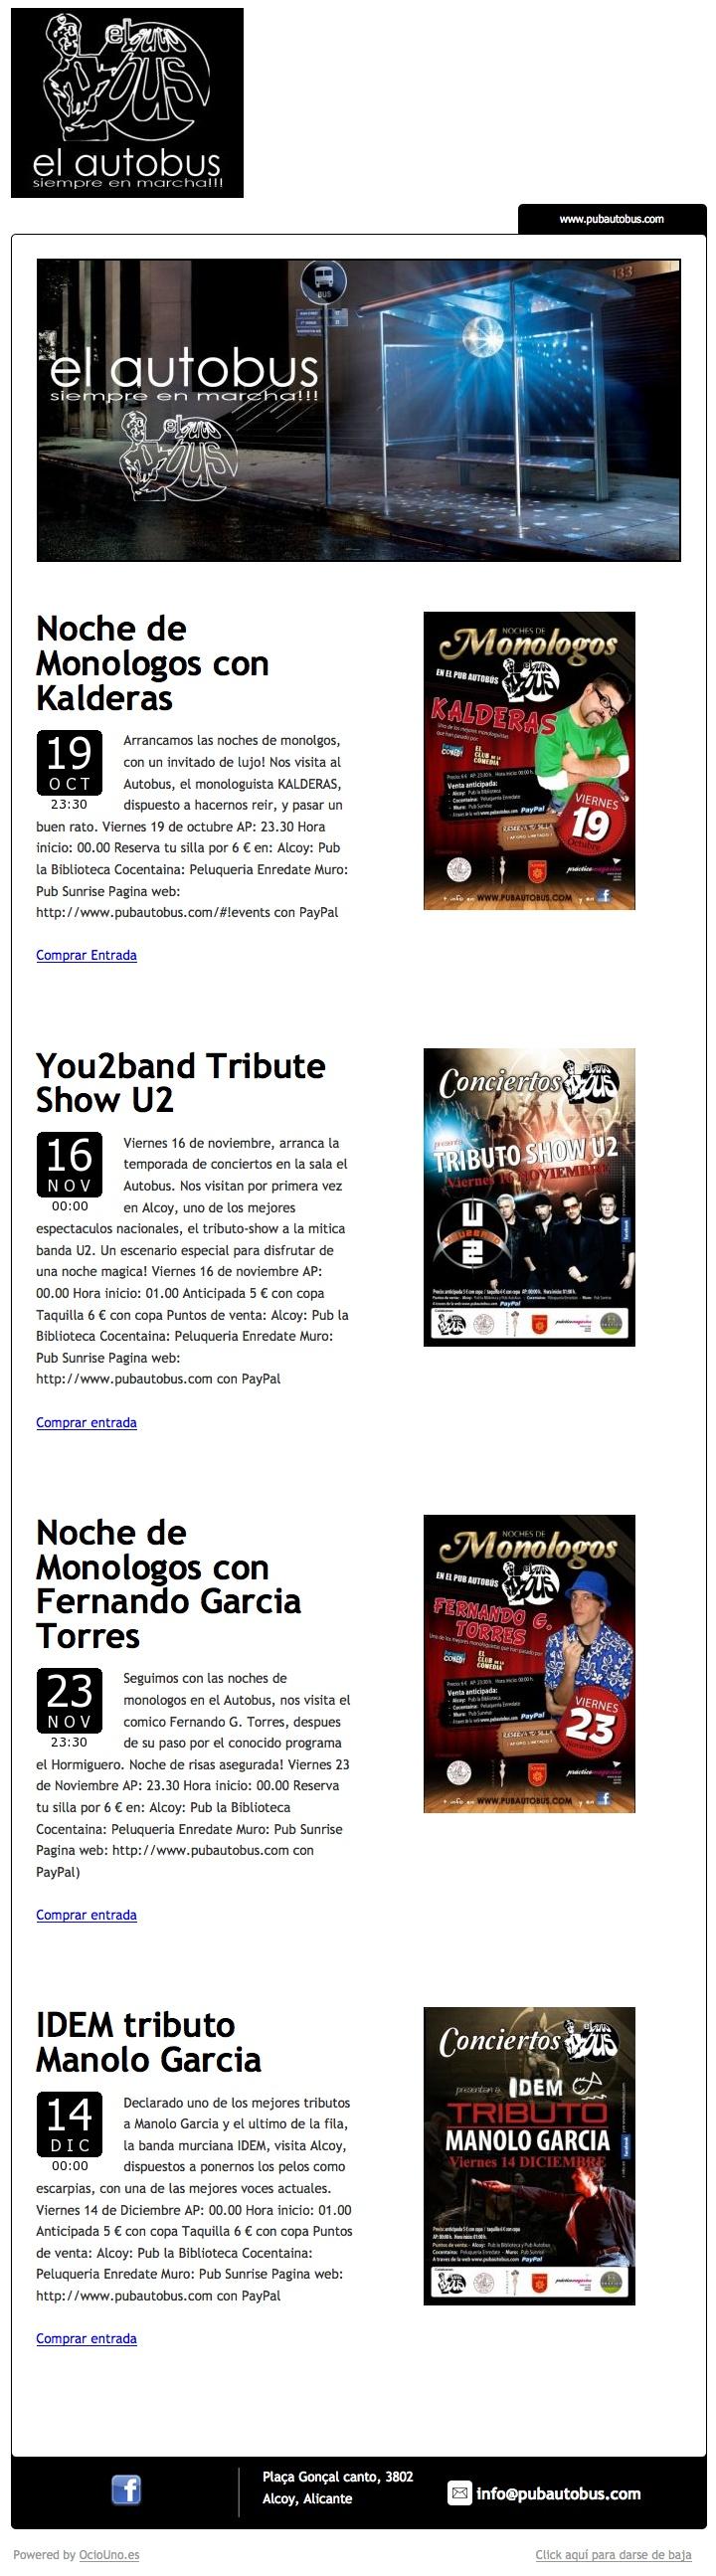 El Autobus, Alcoy, Alicante, envia su programación mediante newsletter utilizando OcioUno y enlaza directamente a la venta de entradas desde su propia web. Todo con OcioUno; más información en www.ociouno.es.